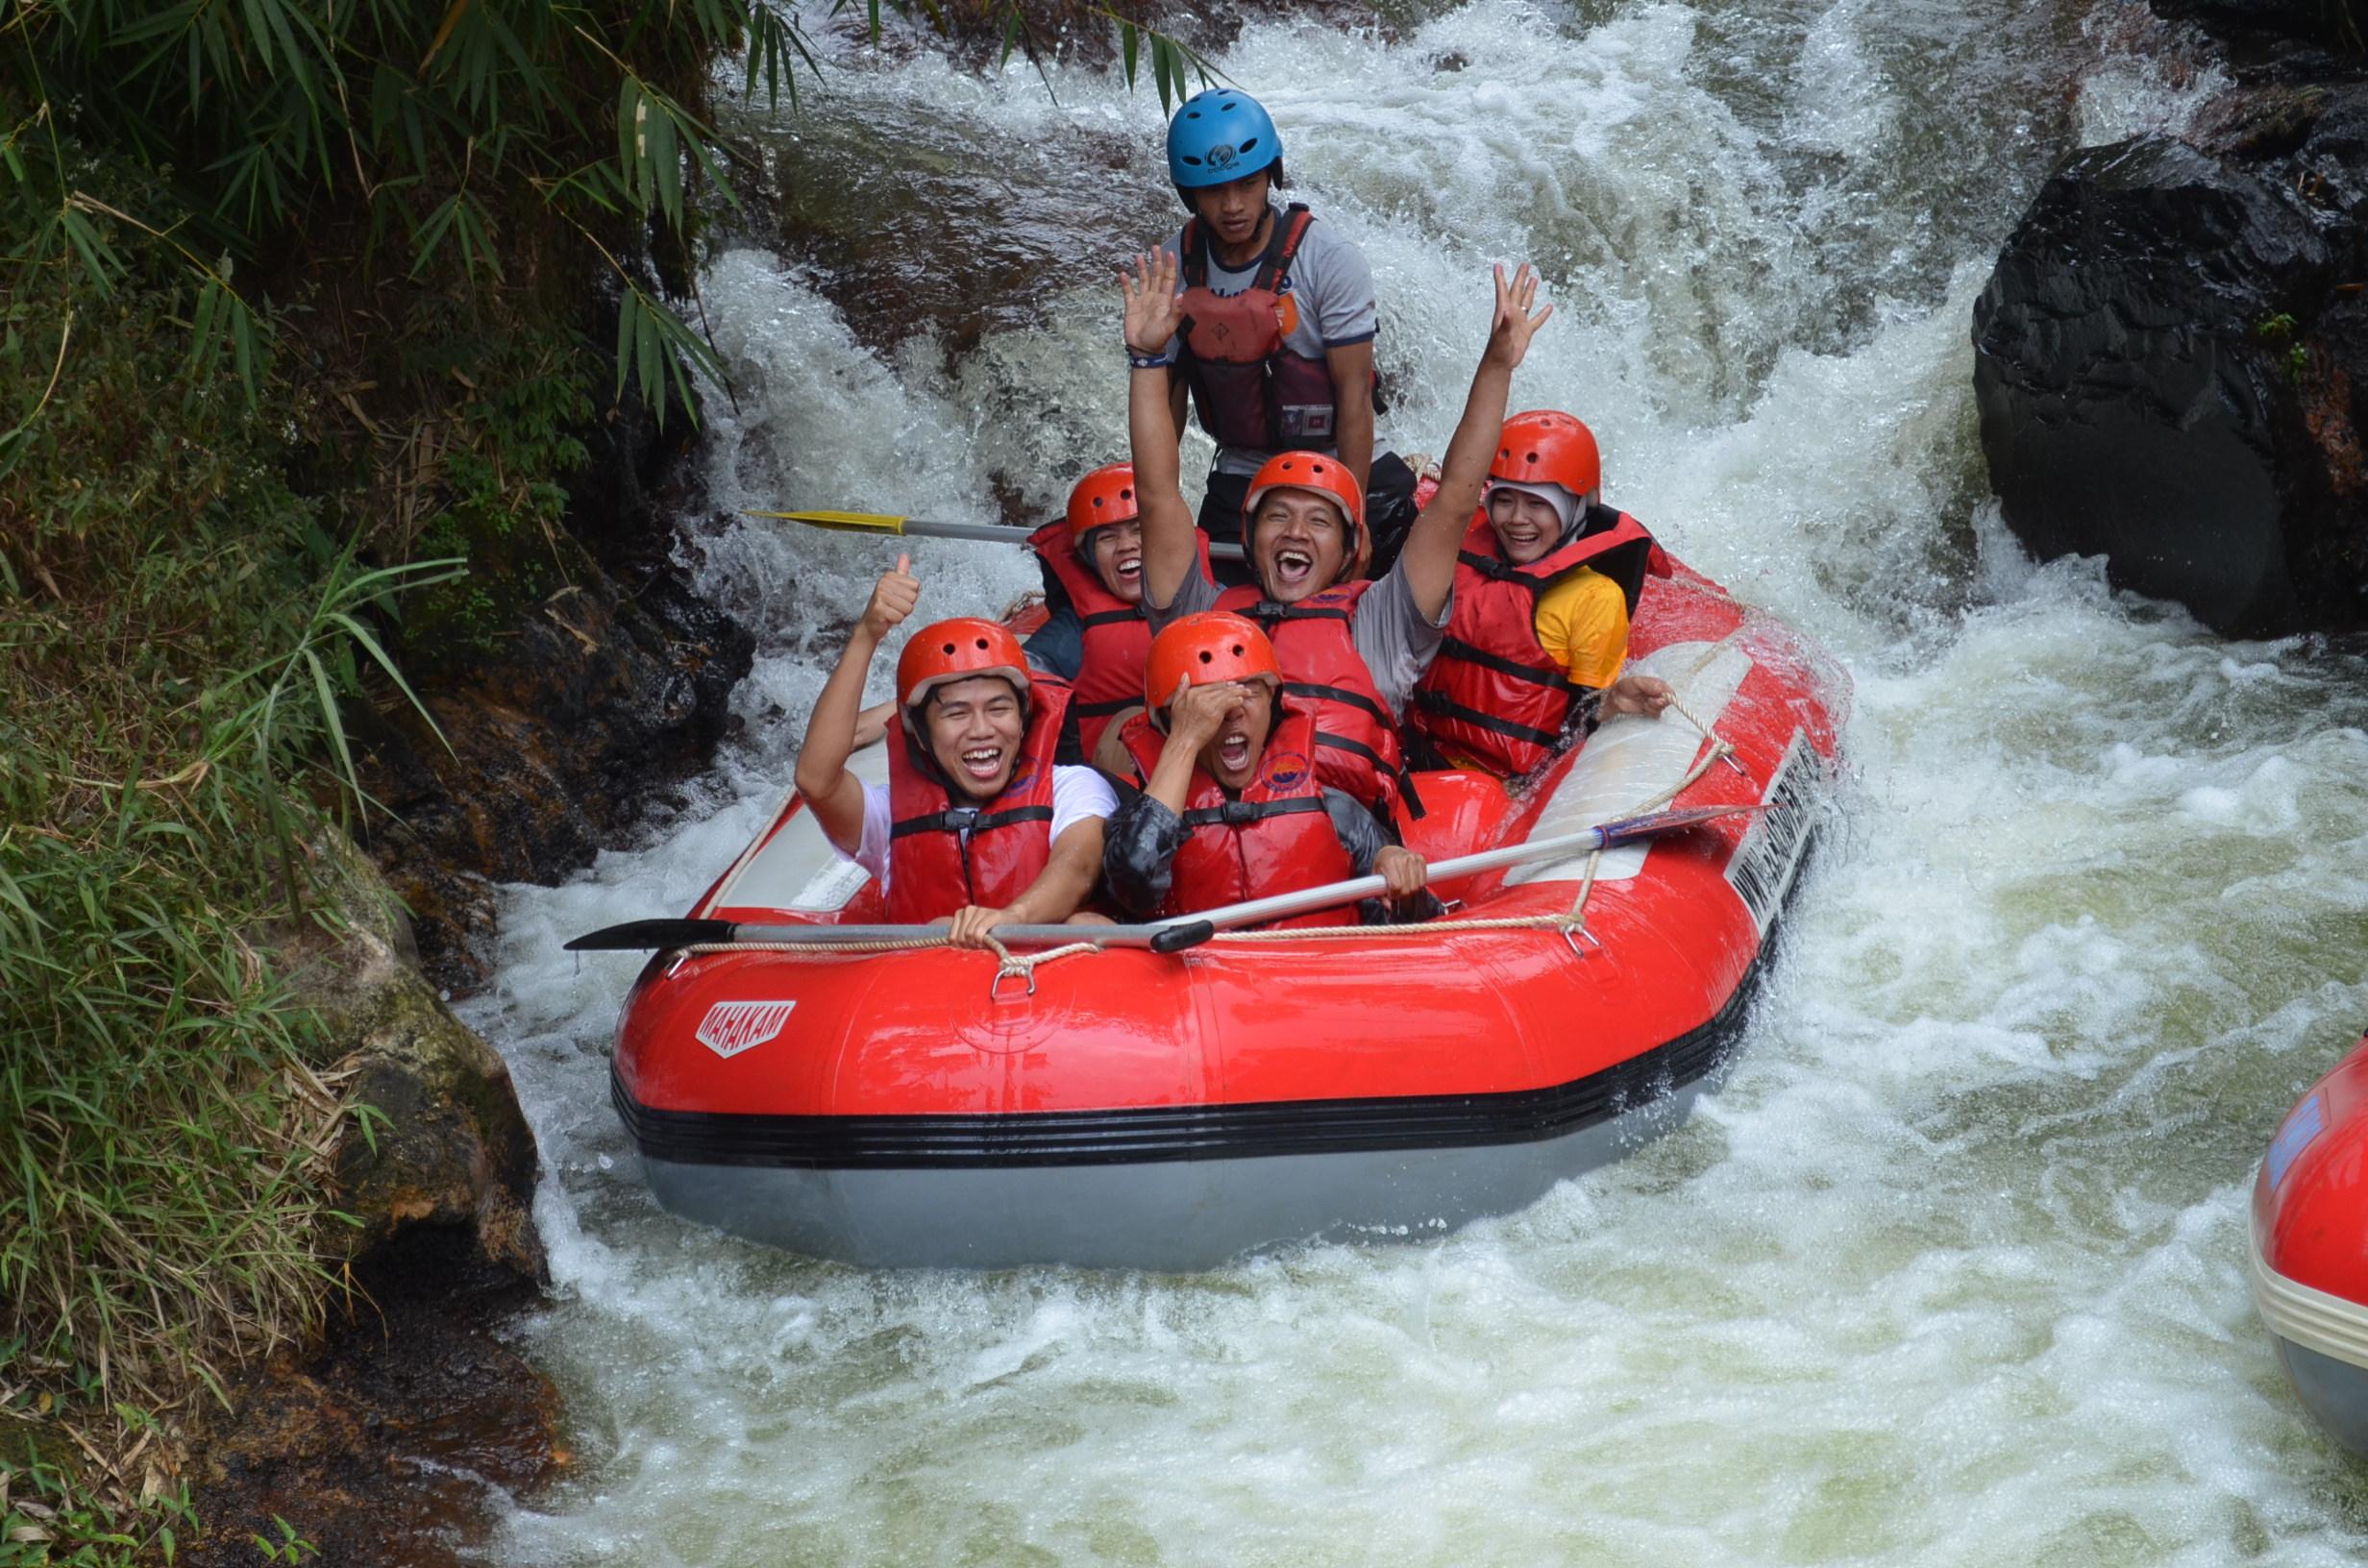 wahana-wisata-rafting-pangalengan-bandung-selatan-7